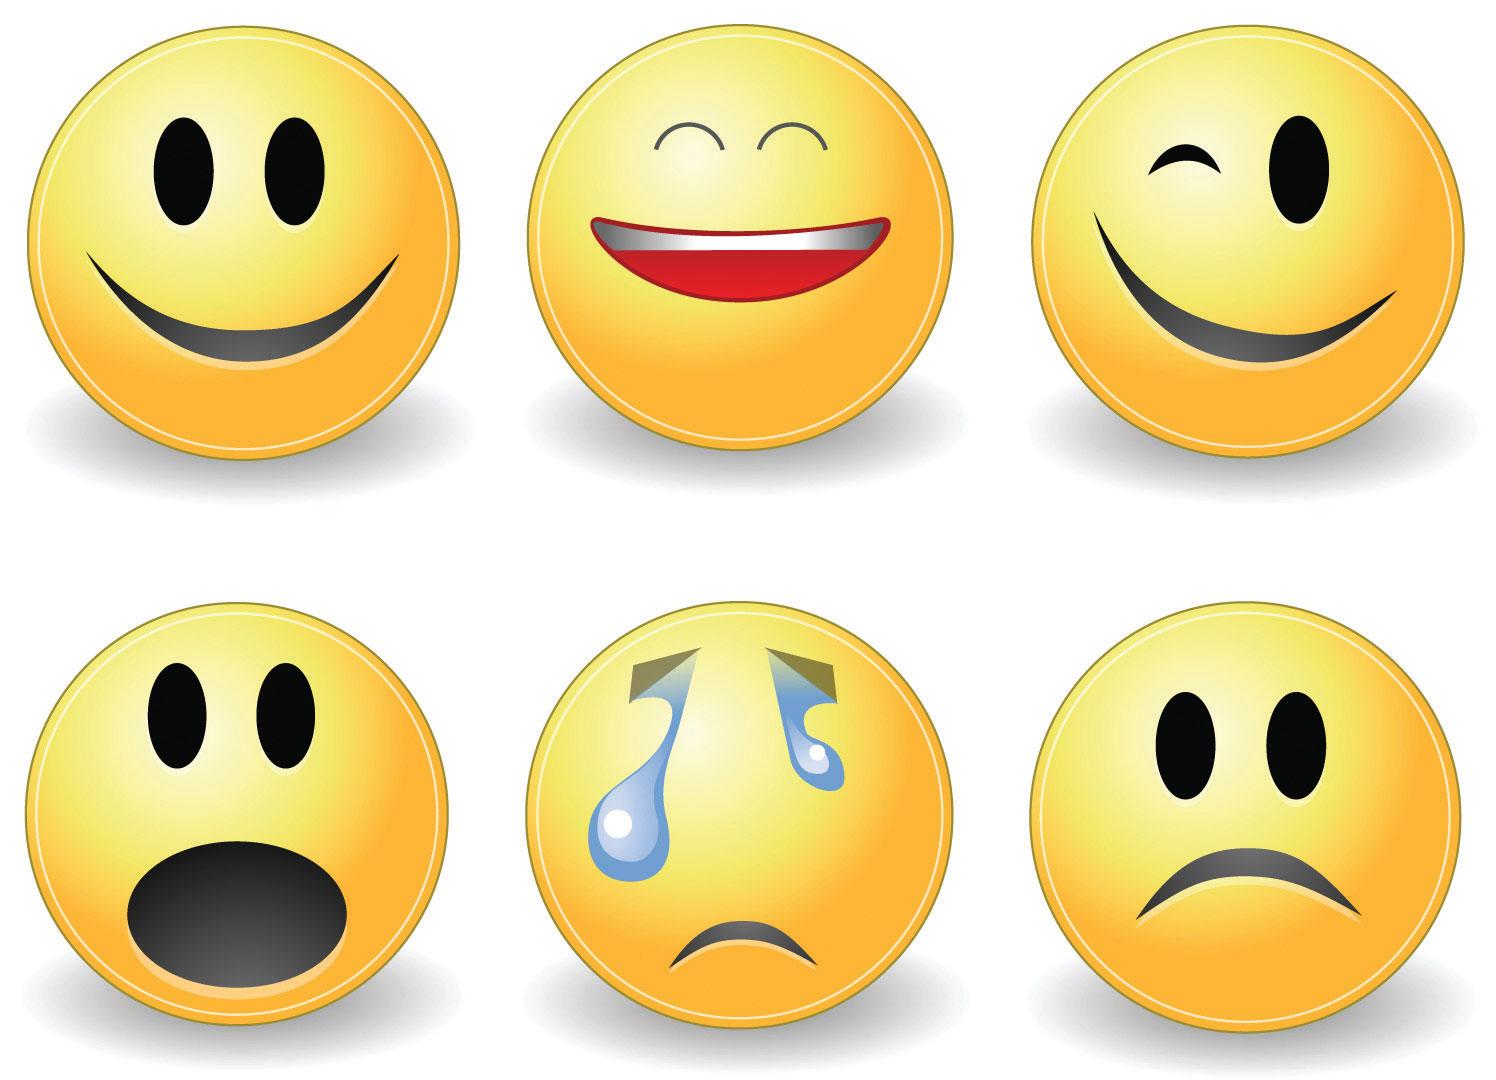 Emojis, smiling, big smile, wink, shock, crying, and sad